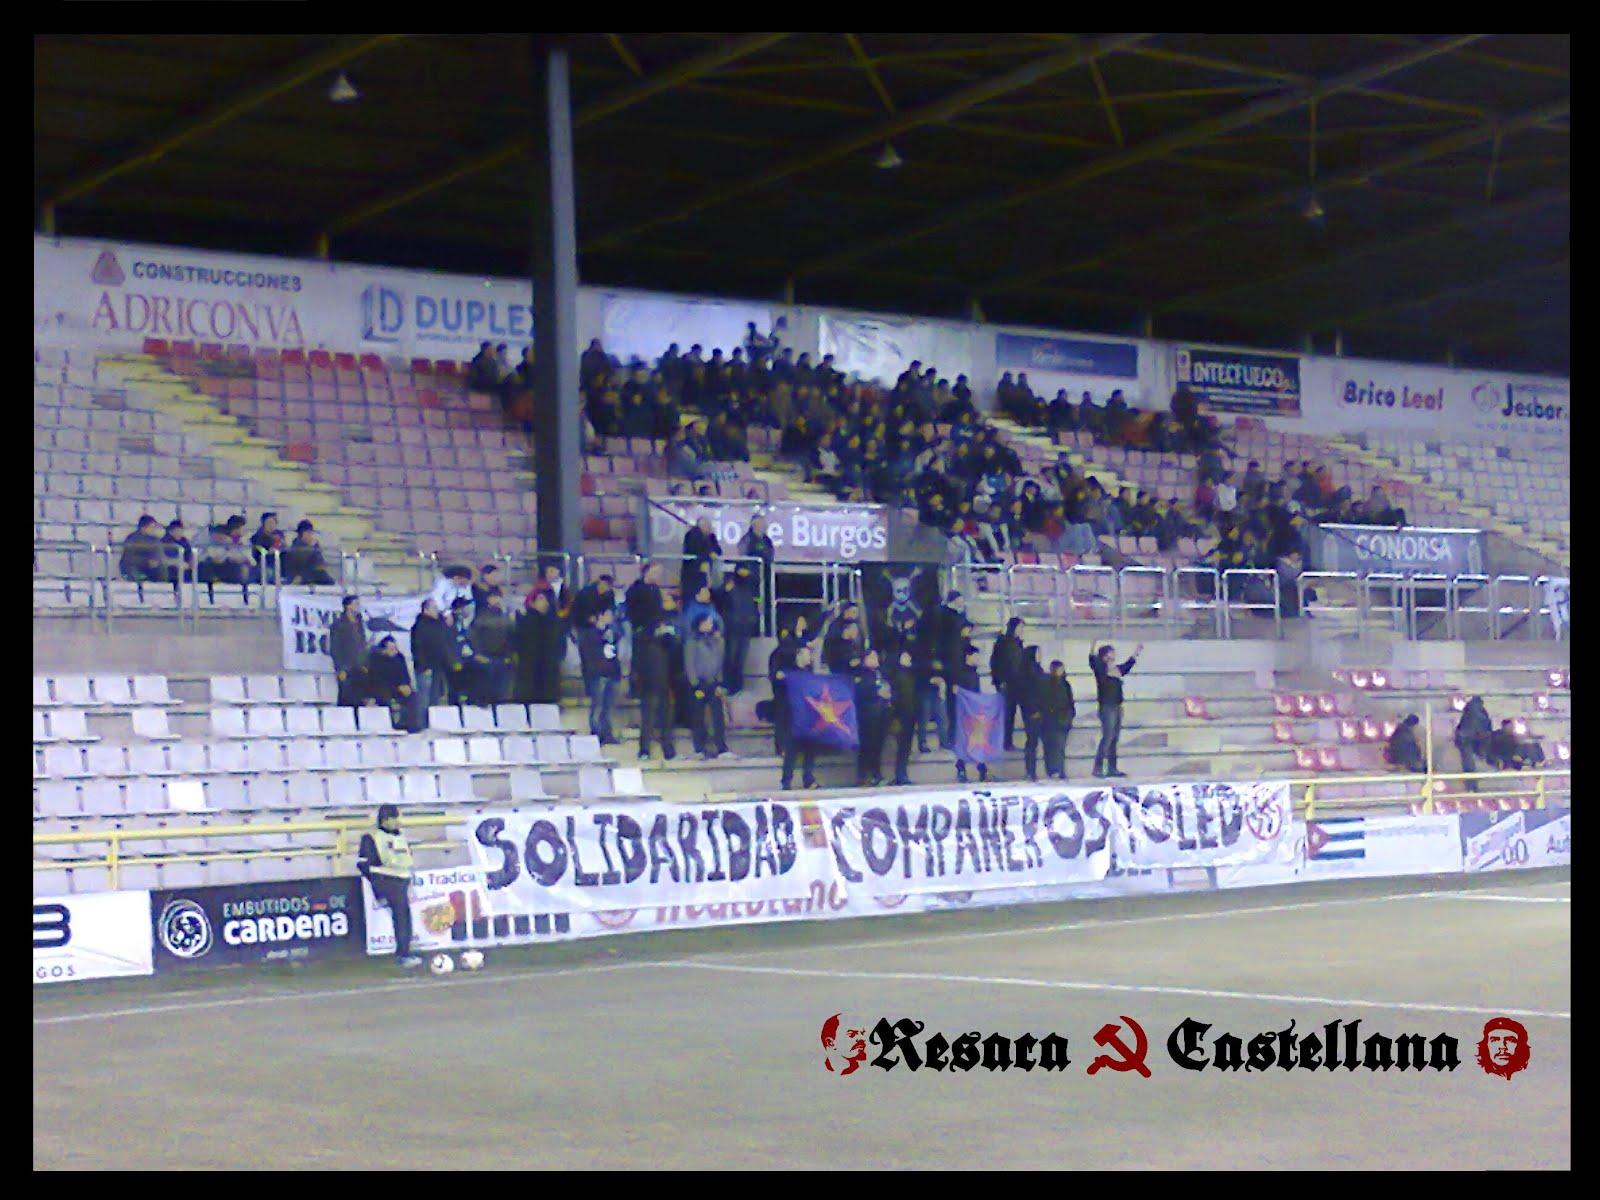 Hinchas Castilla: Resaca Castellana : Solidaridad con los compañeros ...